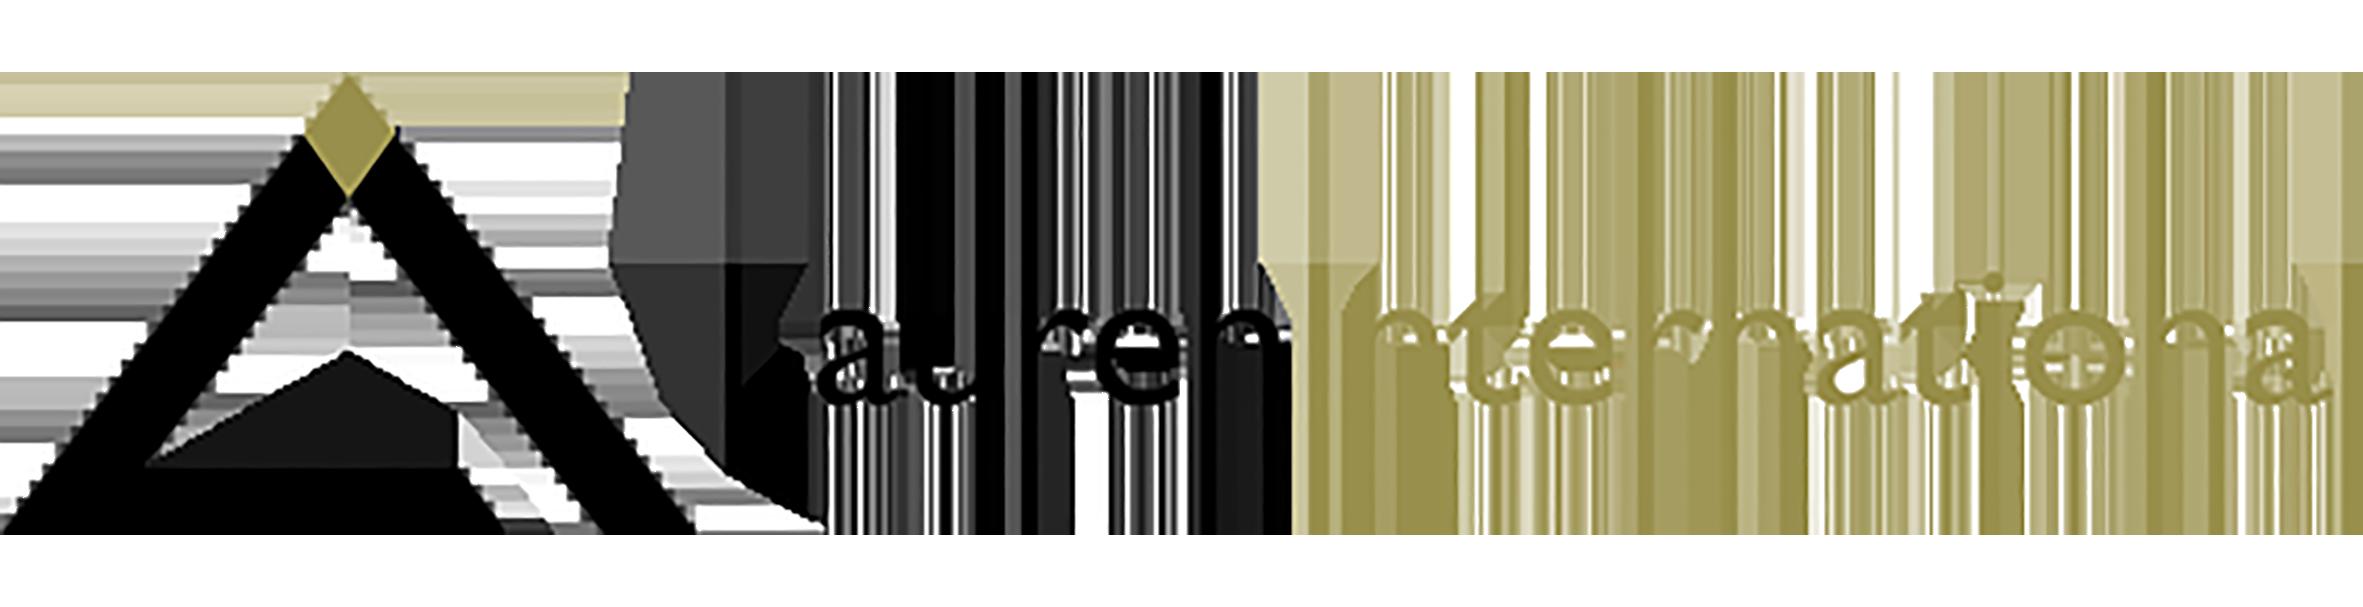 Visit Lauren International's website